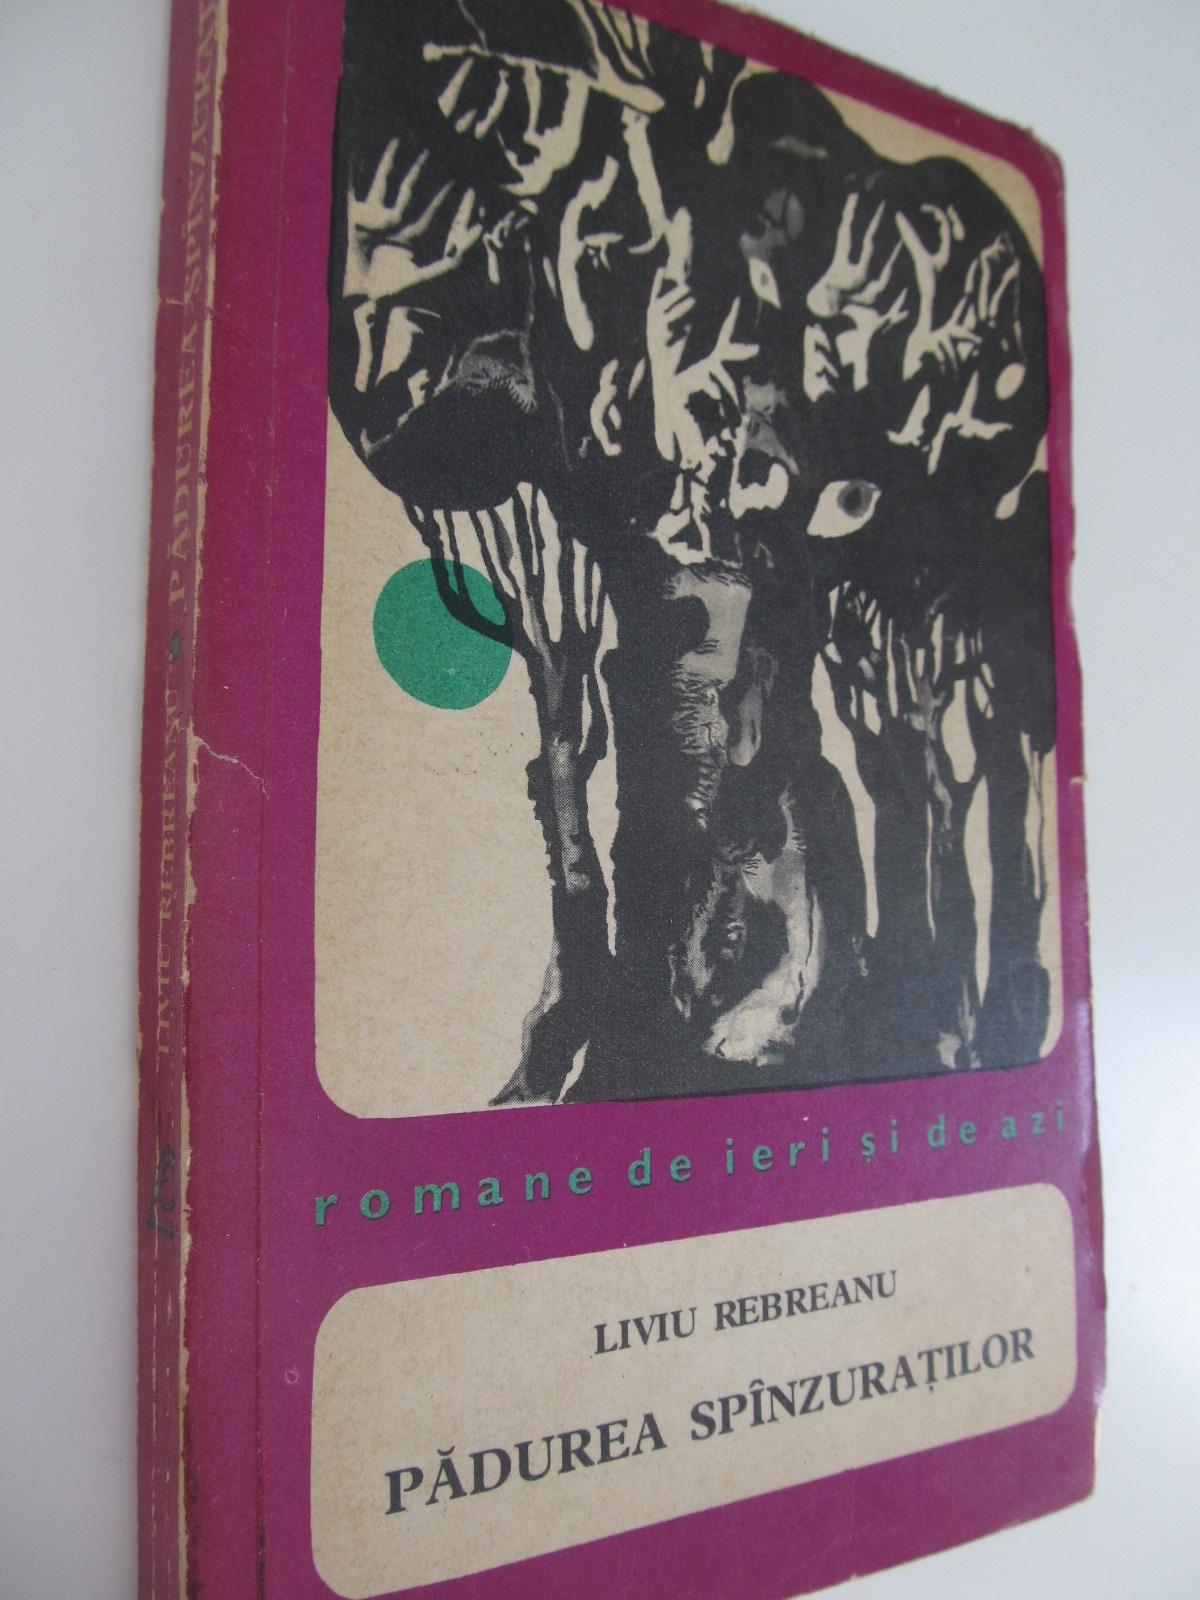 Padurea spanzuratilor - Liviu Rebreanu | Detalii carte